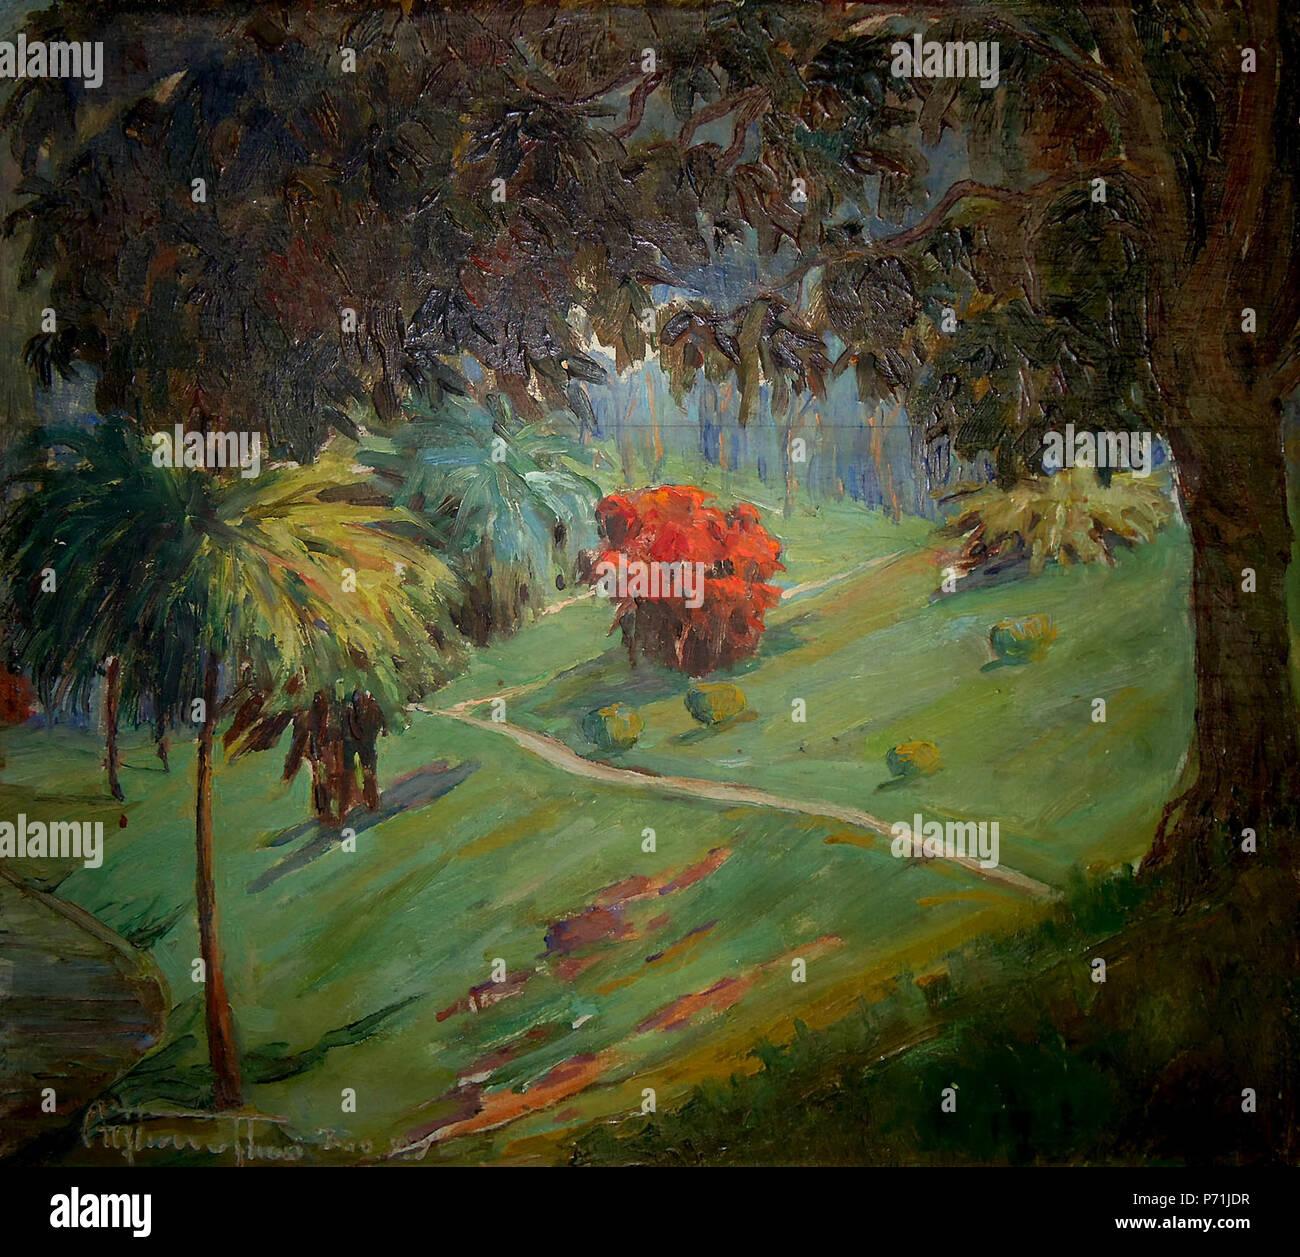 10 Arthur Timótheo da Costa, paisagem com arbusto vermelho, Rio de Janeiro, 1914, óleo sobre madera, 28 x 30,9, Photo Gedley Belchior Braga Foto Stock